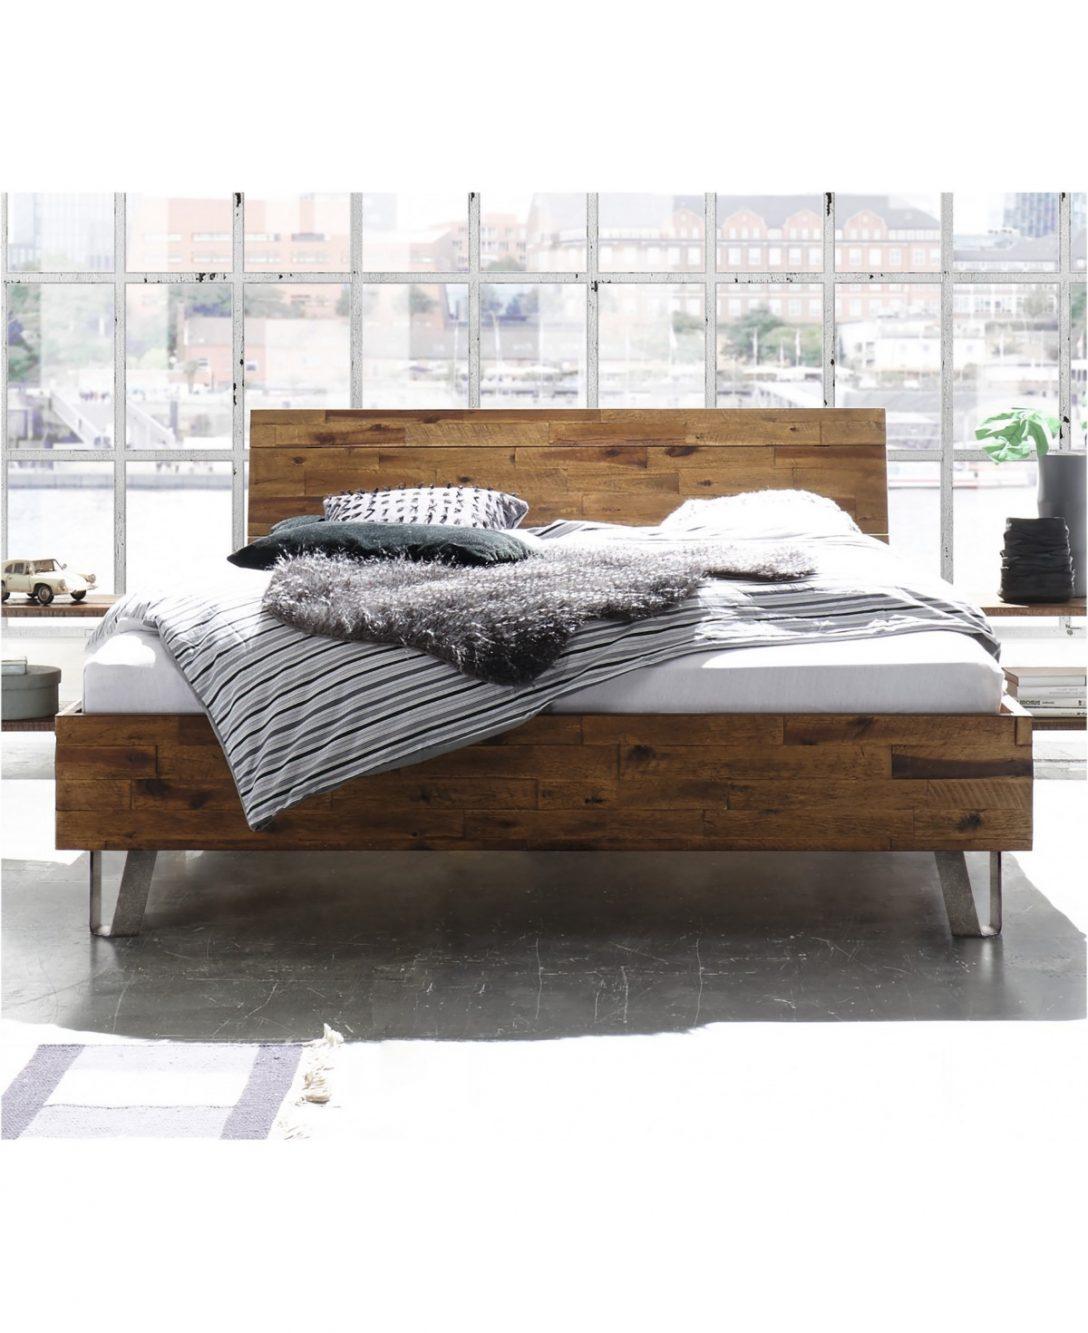 Full Size of Betten Mit Aufbewahrung Bett 90x200 160x200 180x200 Ikea 120x200 140x200 Malm 200x200 Kombination Aus Wildeiche 2 Nachttischen Matratze Ausziehbett Massivholz Bett Betten Mit Aufbewahrung